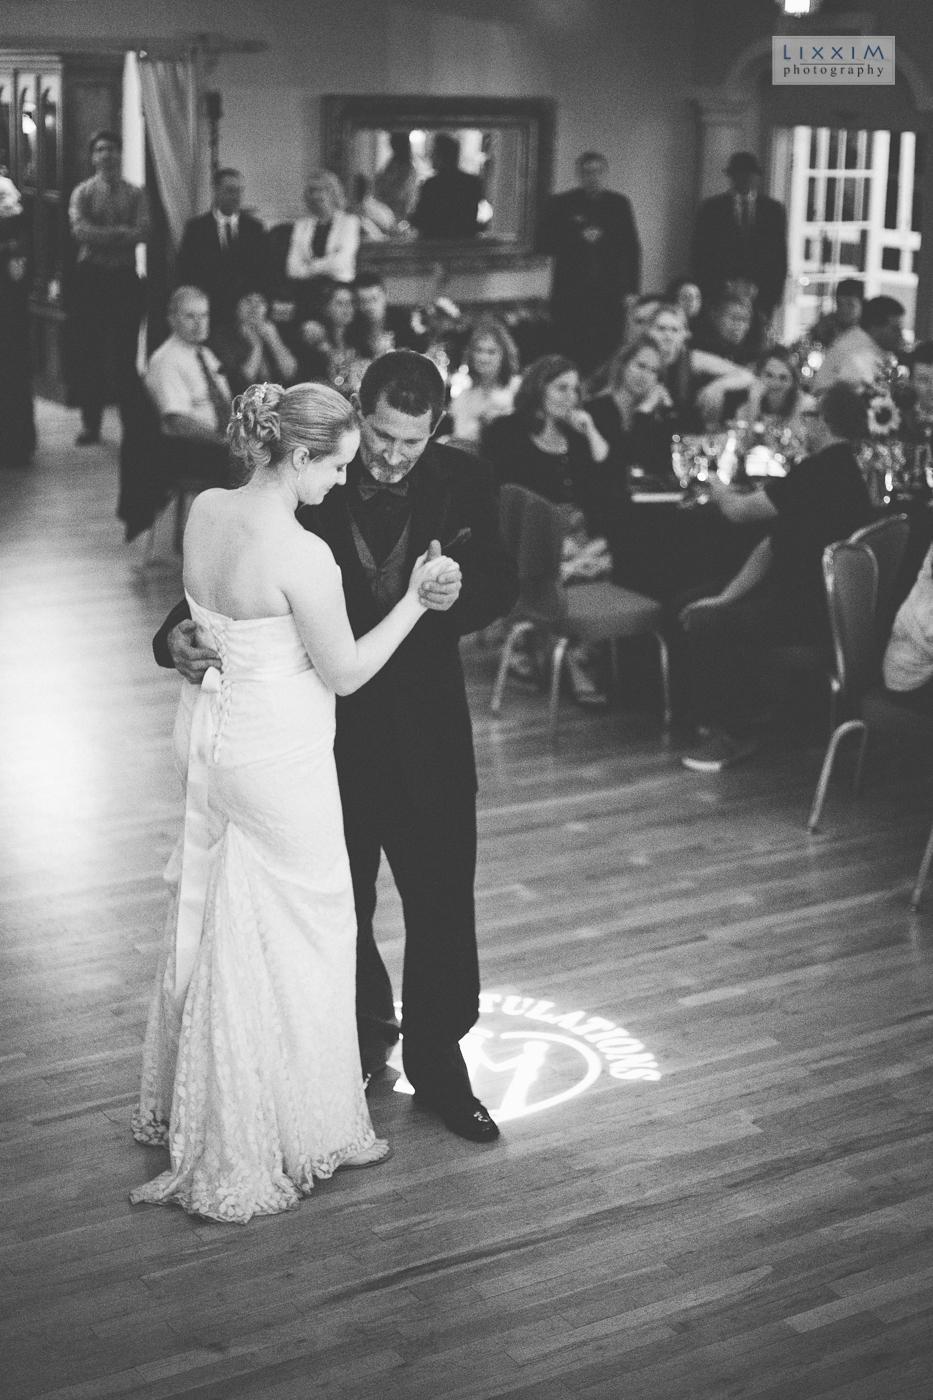 wedgewood-sequoia-mansion-wedding-reception-dance